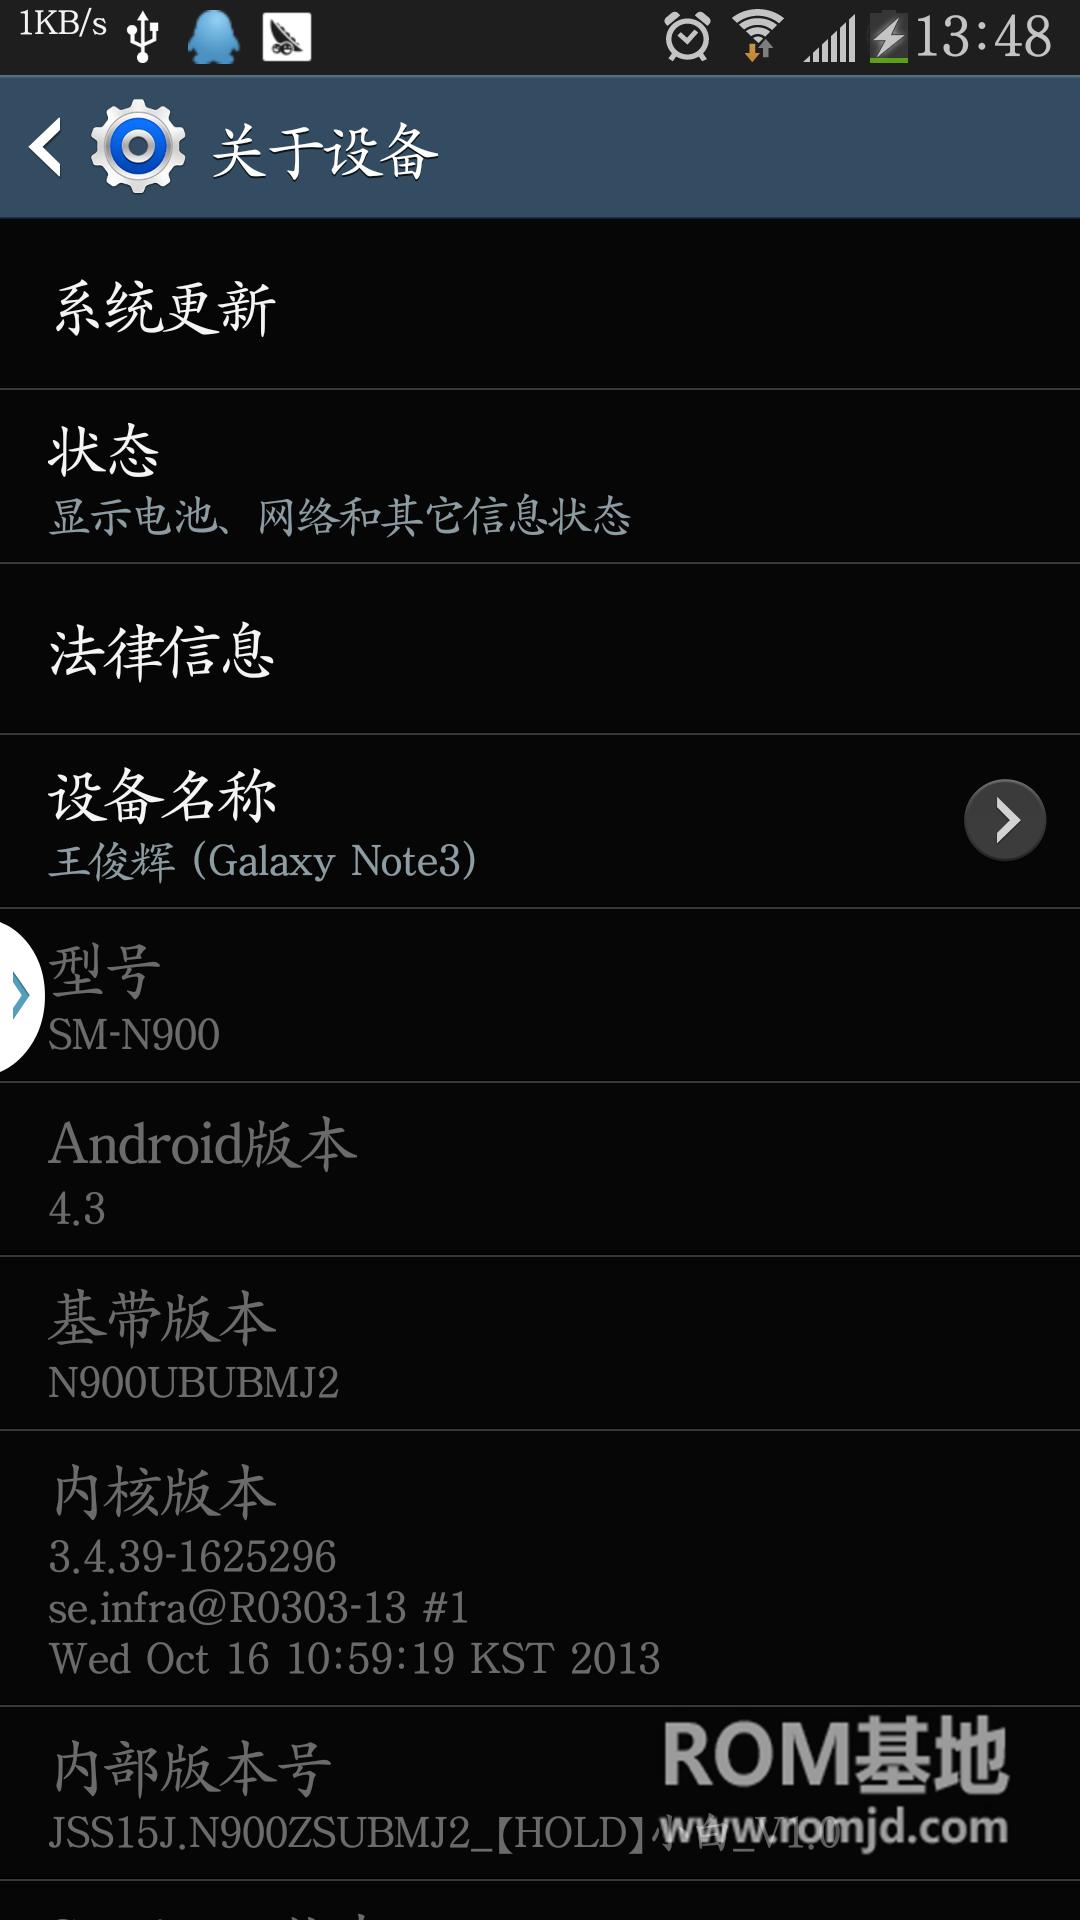 港版N900ZSUBMJ2官方精简优化,保留官方的稳定、流畅ROM刷机包截图